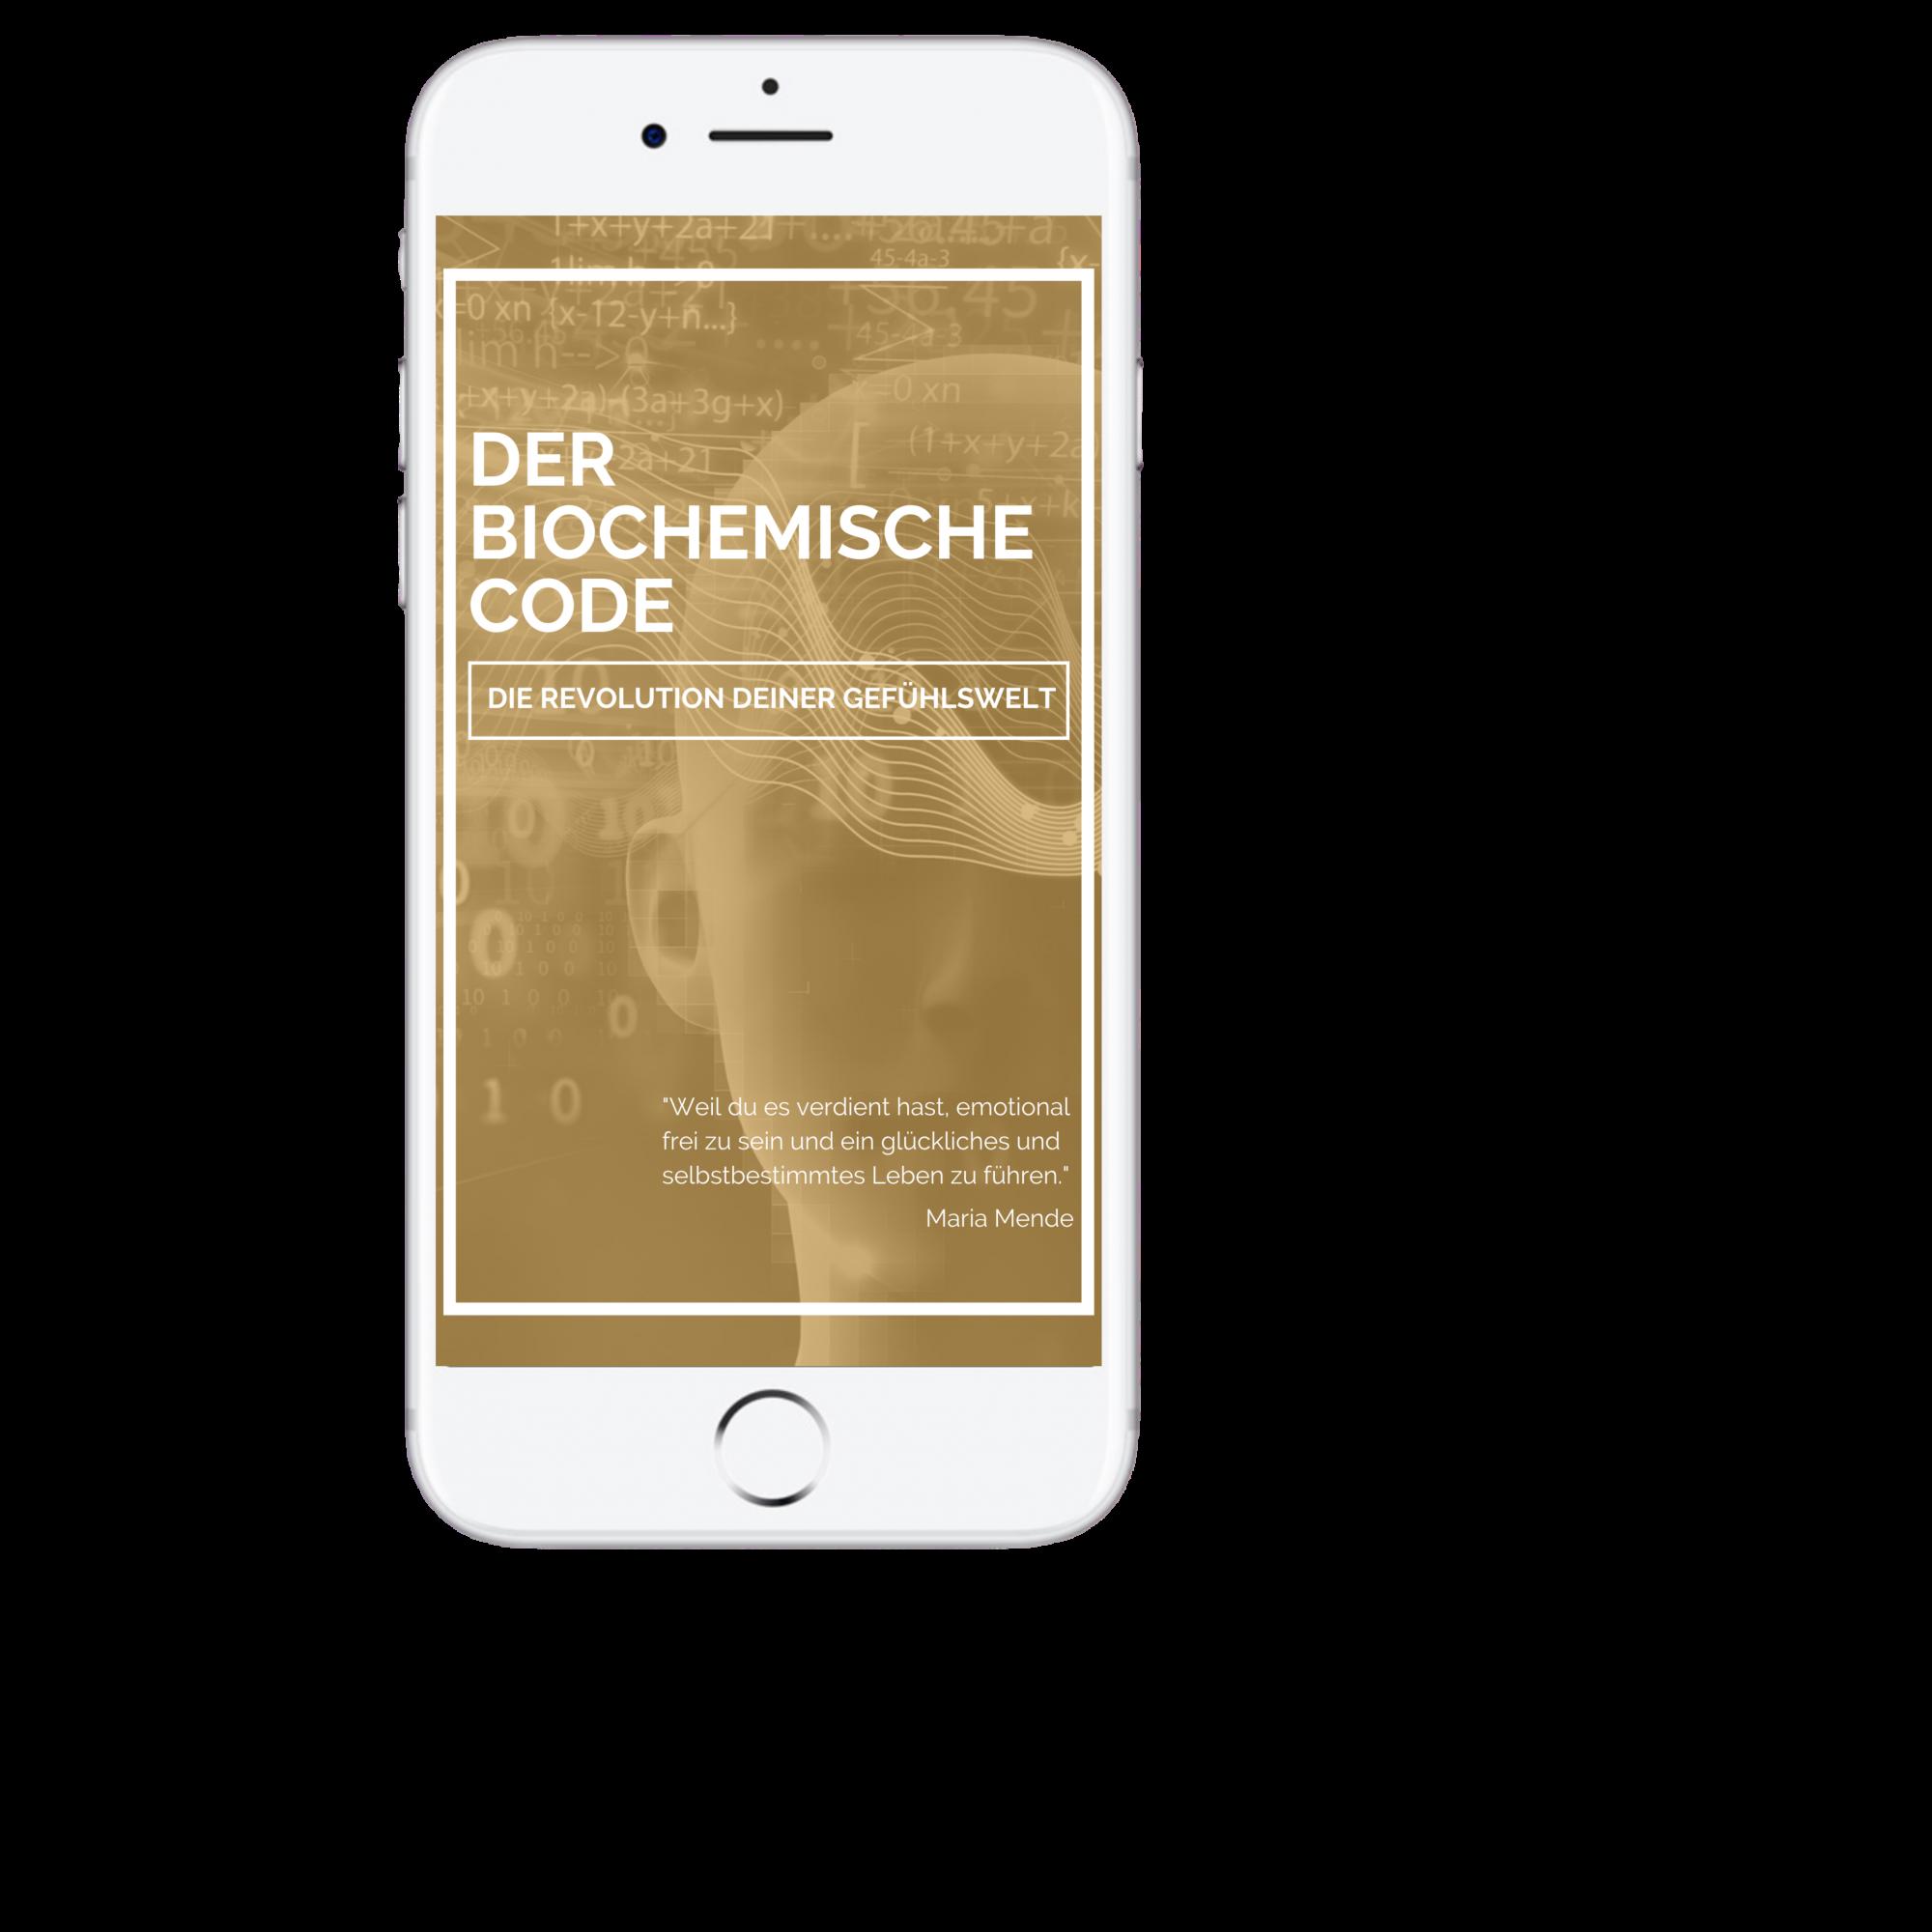 Mockup eBook transparenter Hintergrund